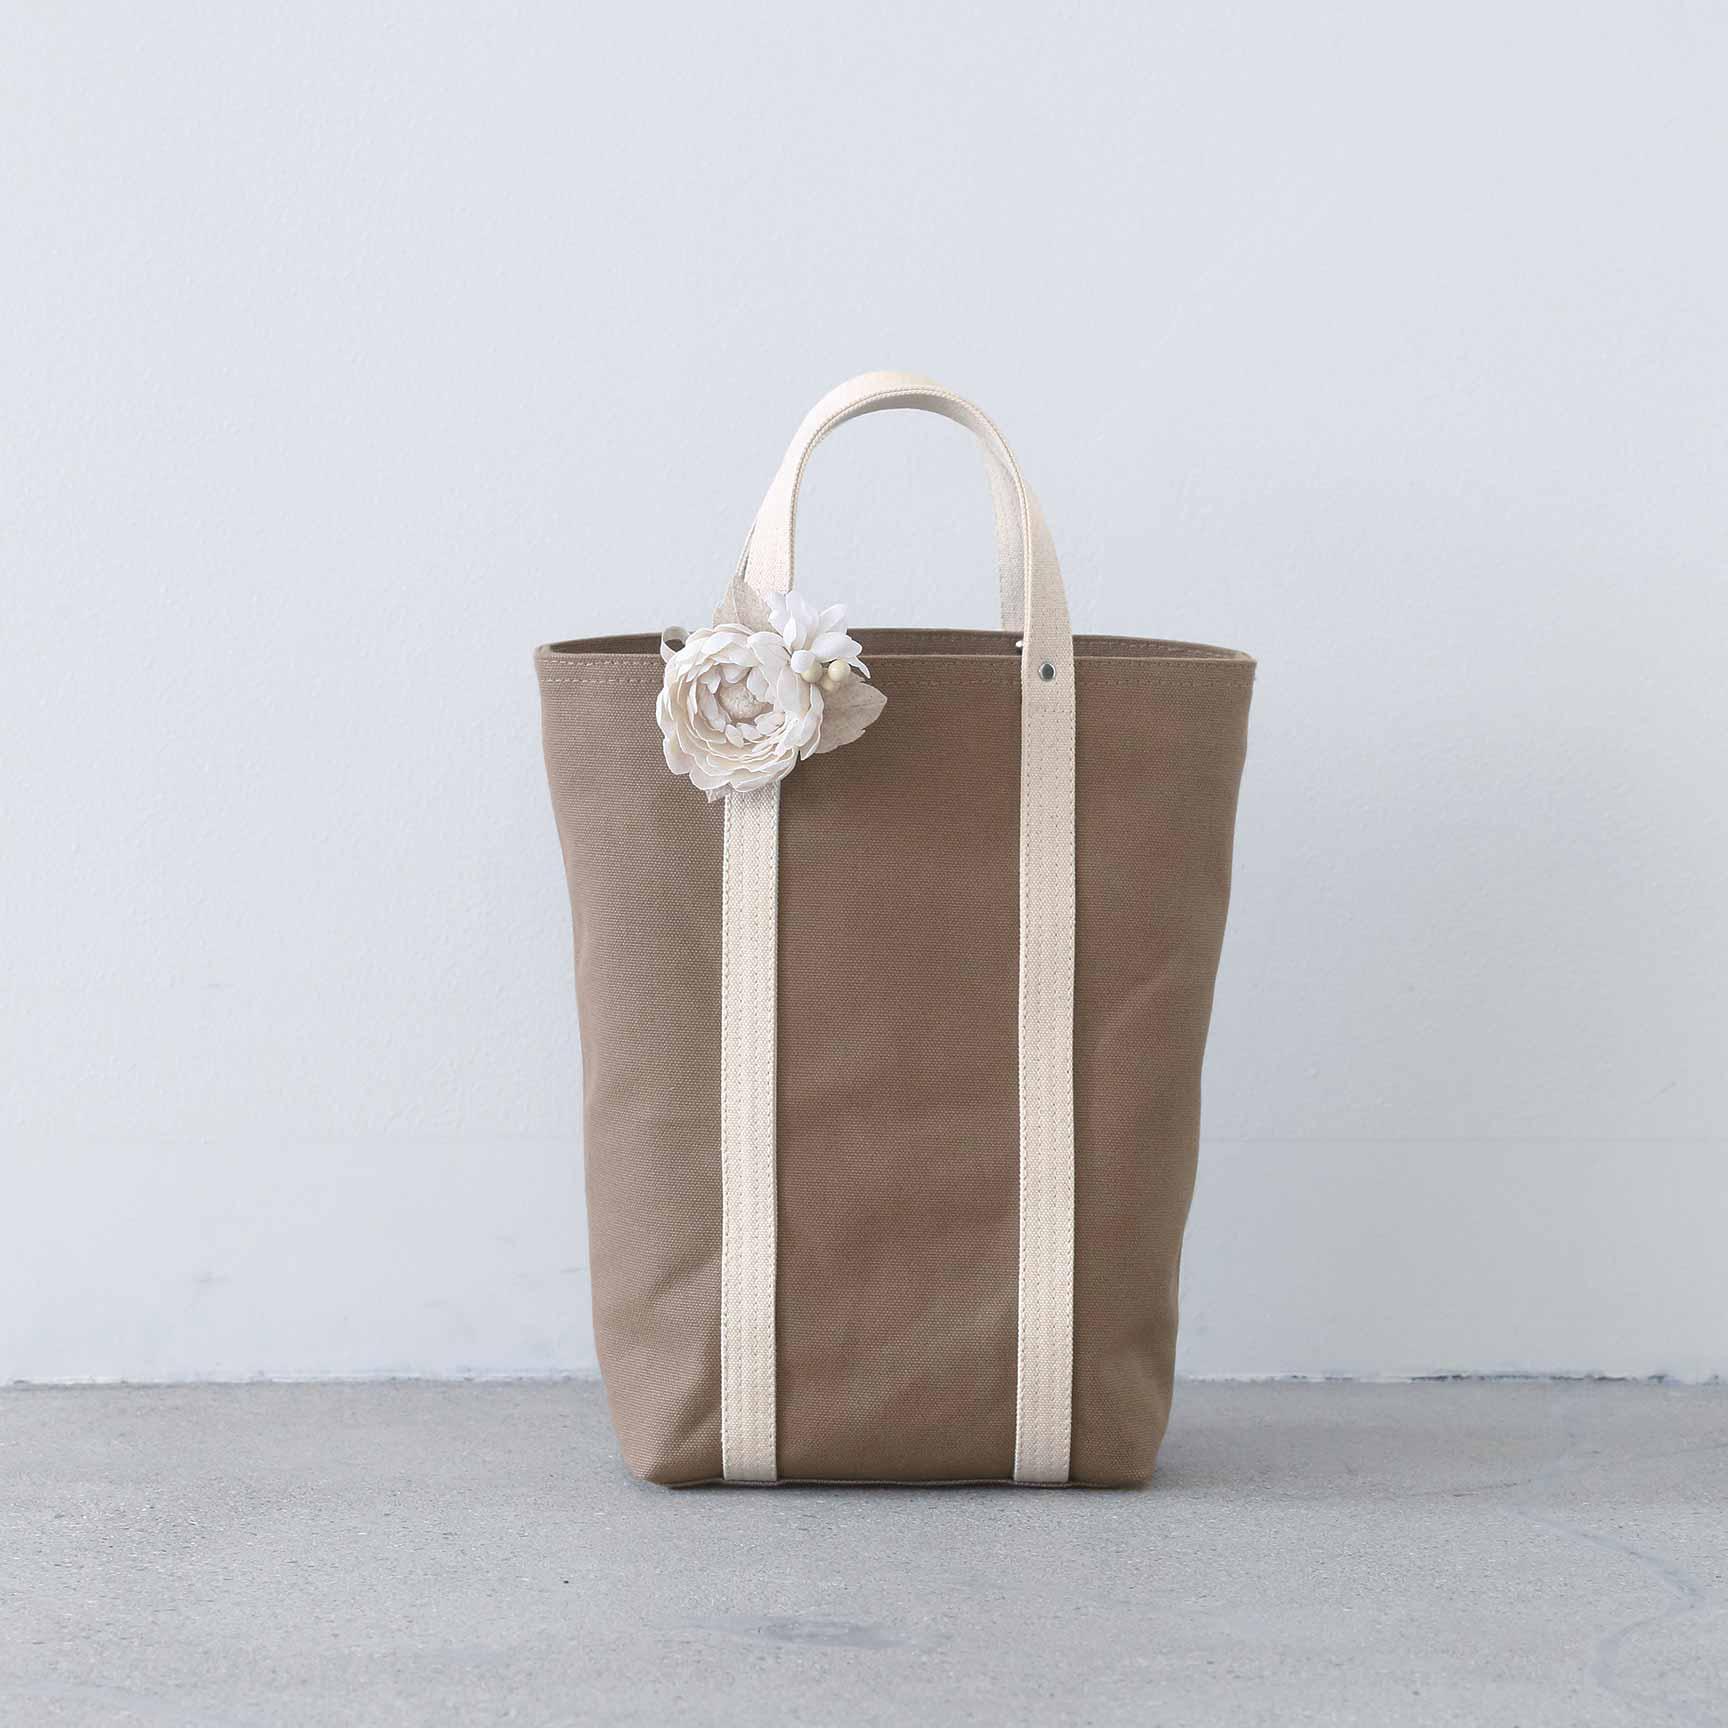 coudre un sac en toile canvas